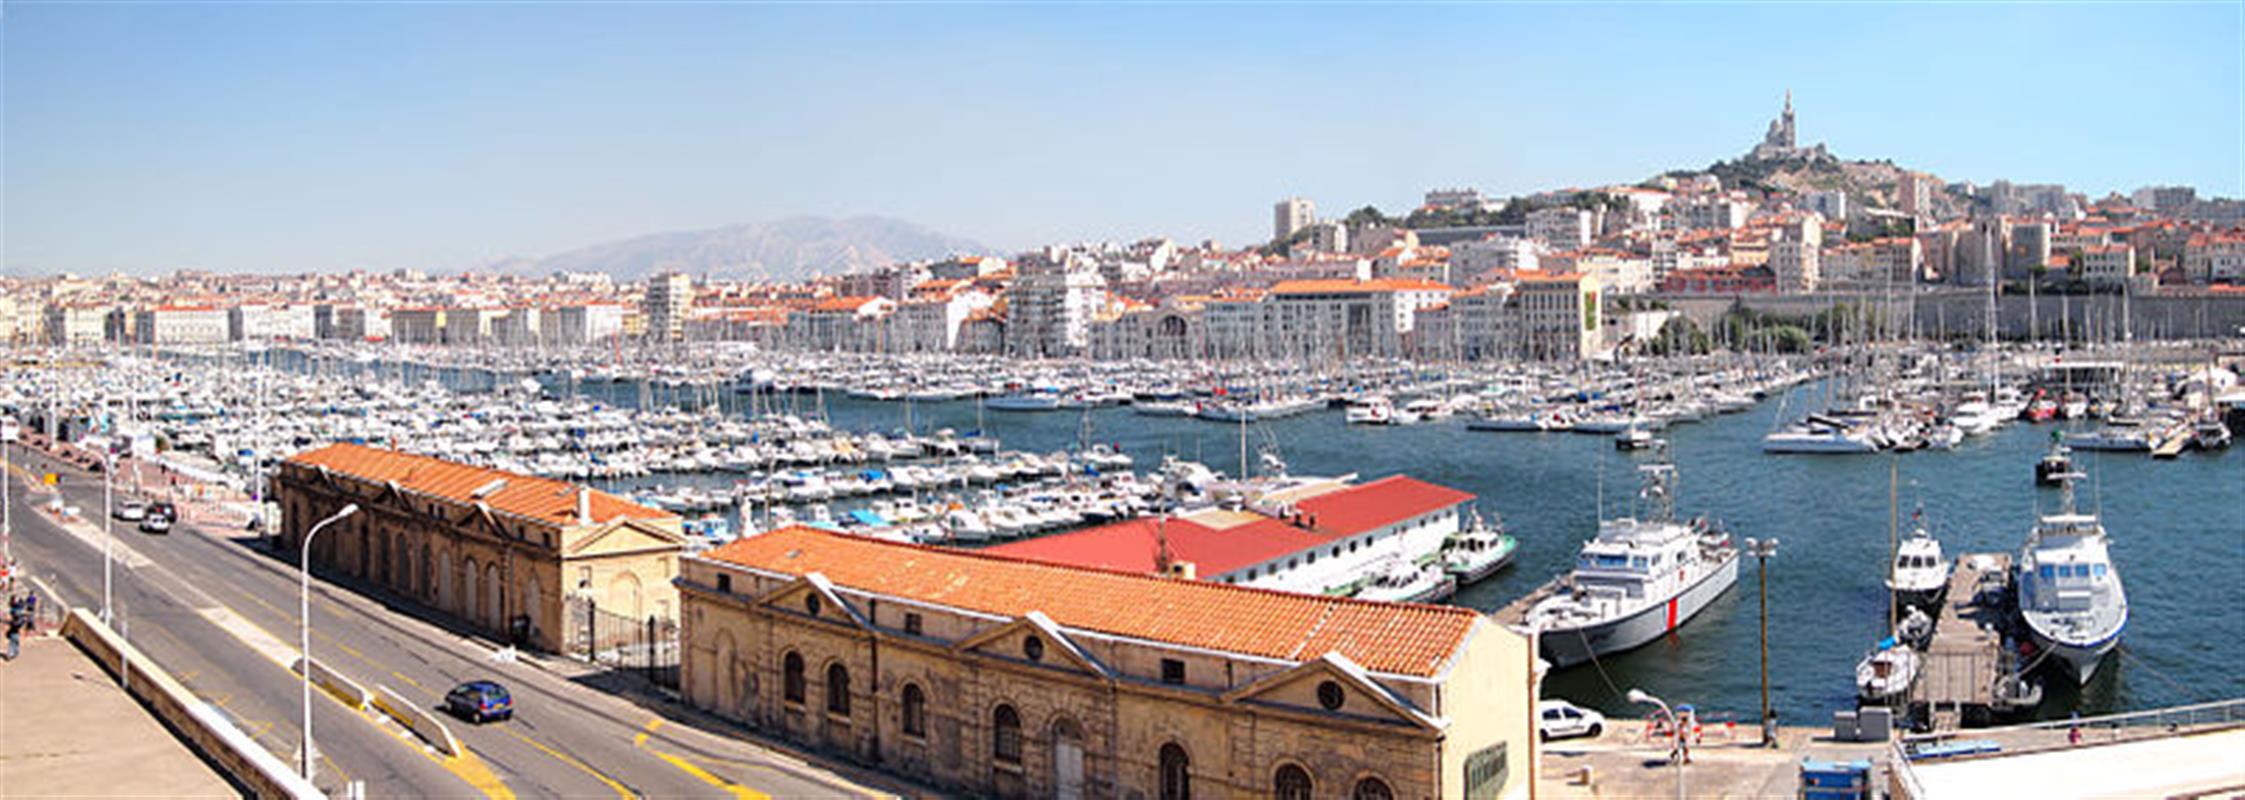 Marseille et son vieux port tourisme bouches du rhone vacances entre salon de provence et - Marseille salon de provence ...